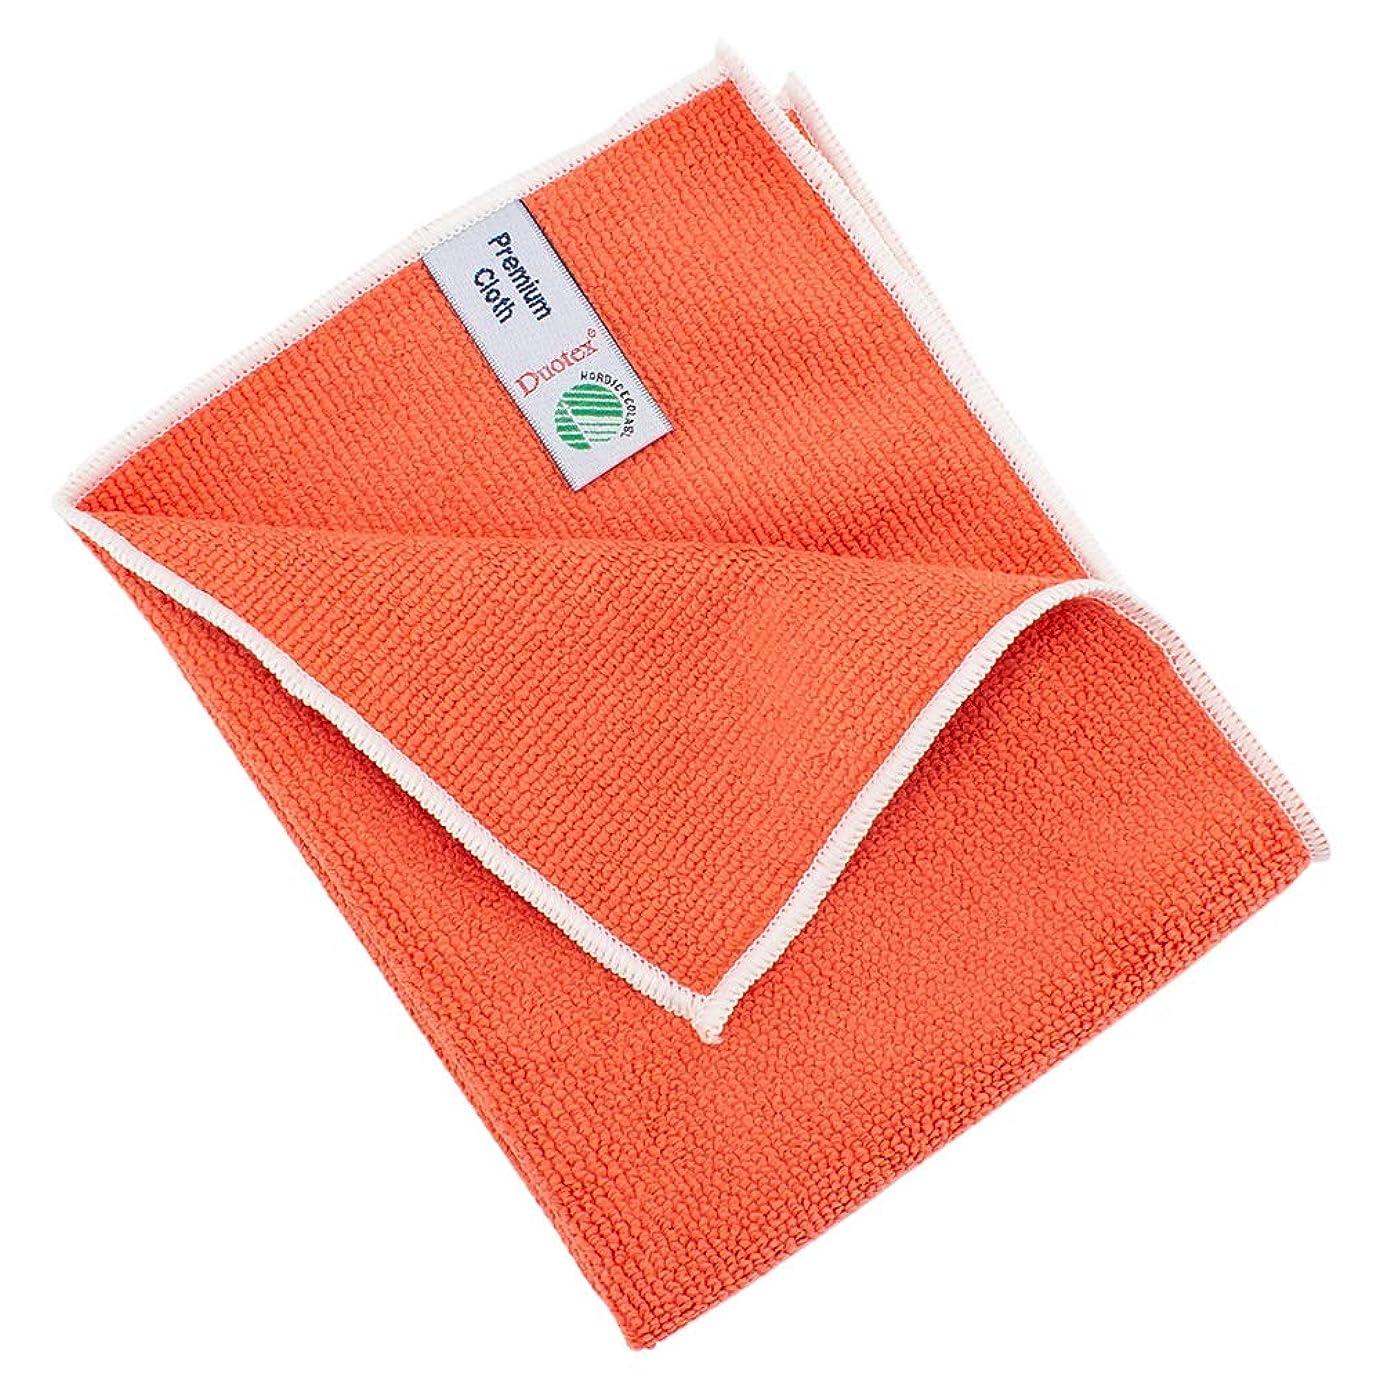 微妙解釈するギャラントリー[ デュオテックス ] Duotex ニットクロス 汚れ落とし用 油汚れ 洗剤不要 水回り キッチン シンク ふきん MSD003 レッド Red Cloths Premium Cloth Knitted レンジ クロス 台所 掃除 [並行輸入品]